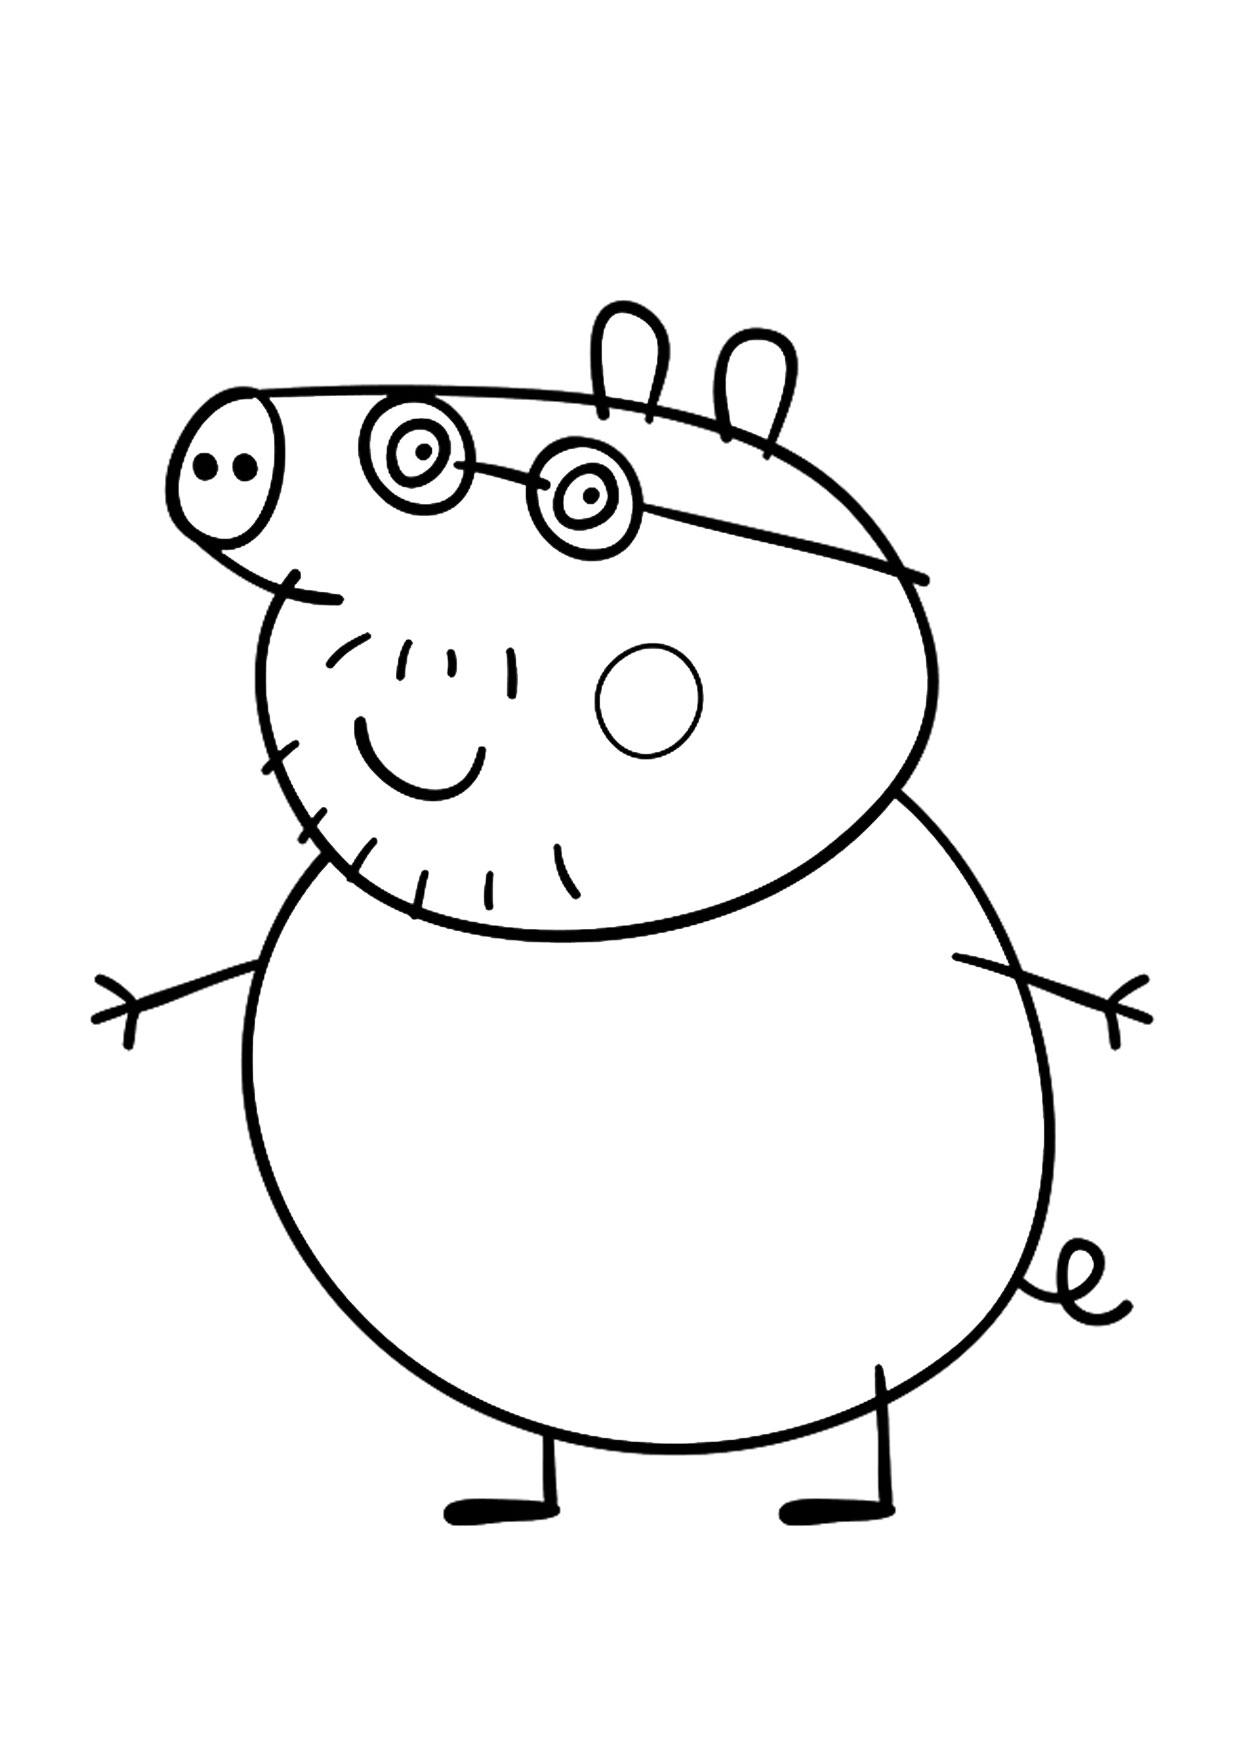 Disegno Peppa Pig da colorare 05